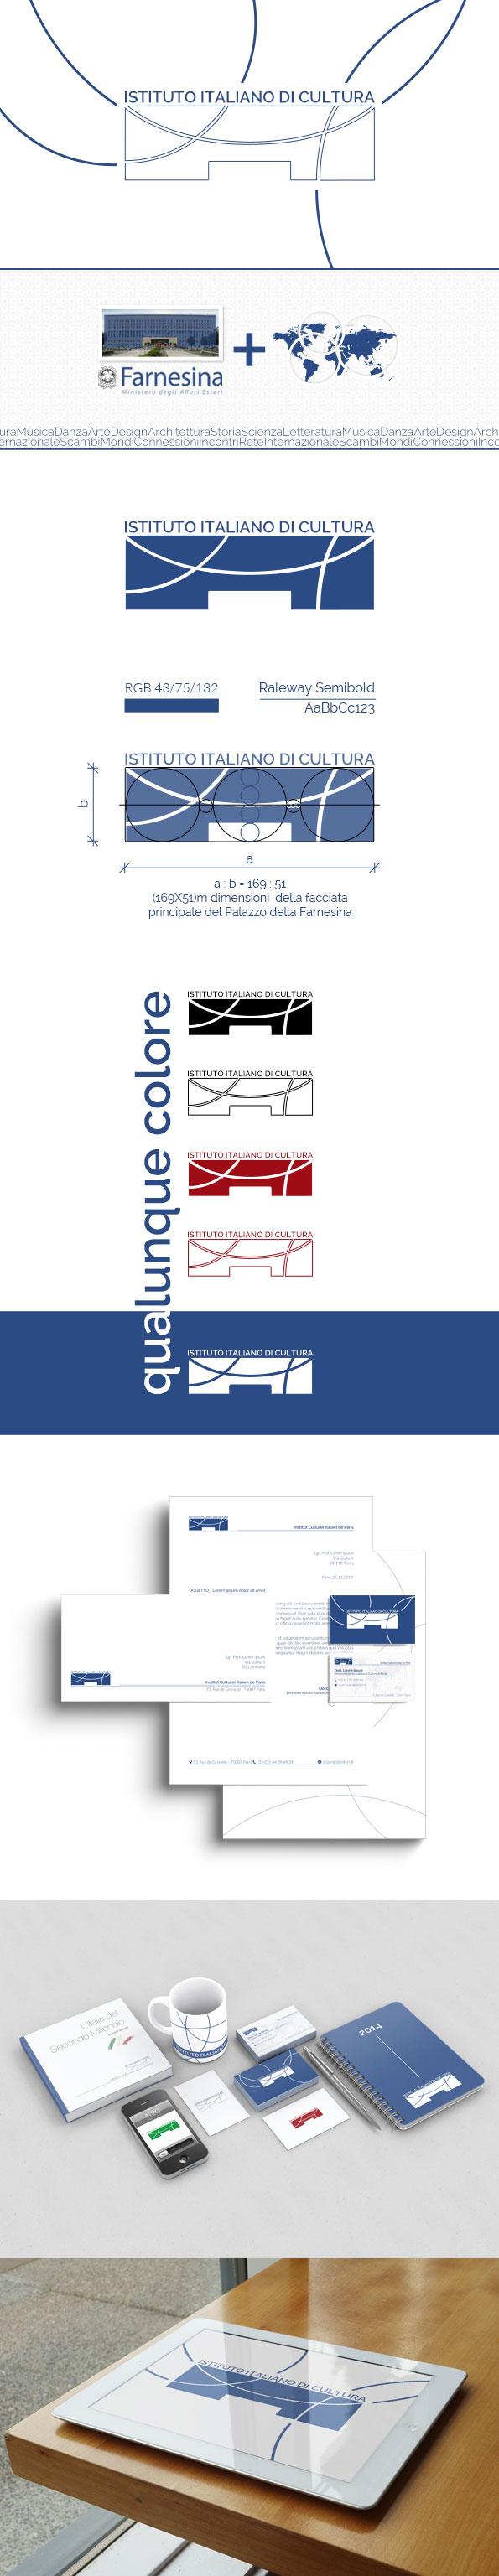 Un-logo-per-gli-Istituti-Italiani-di-Cultura---Proposta1